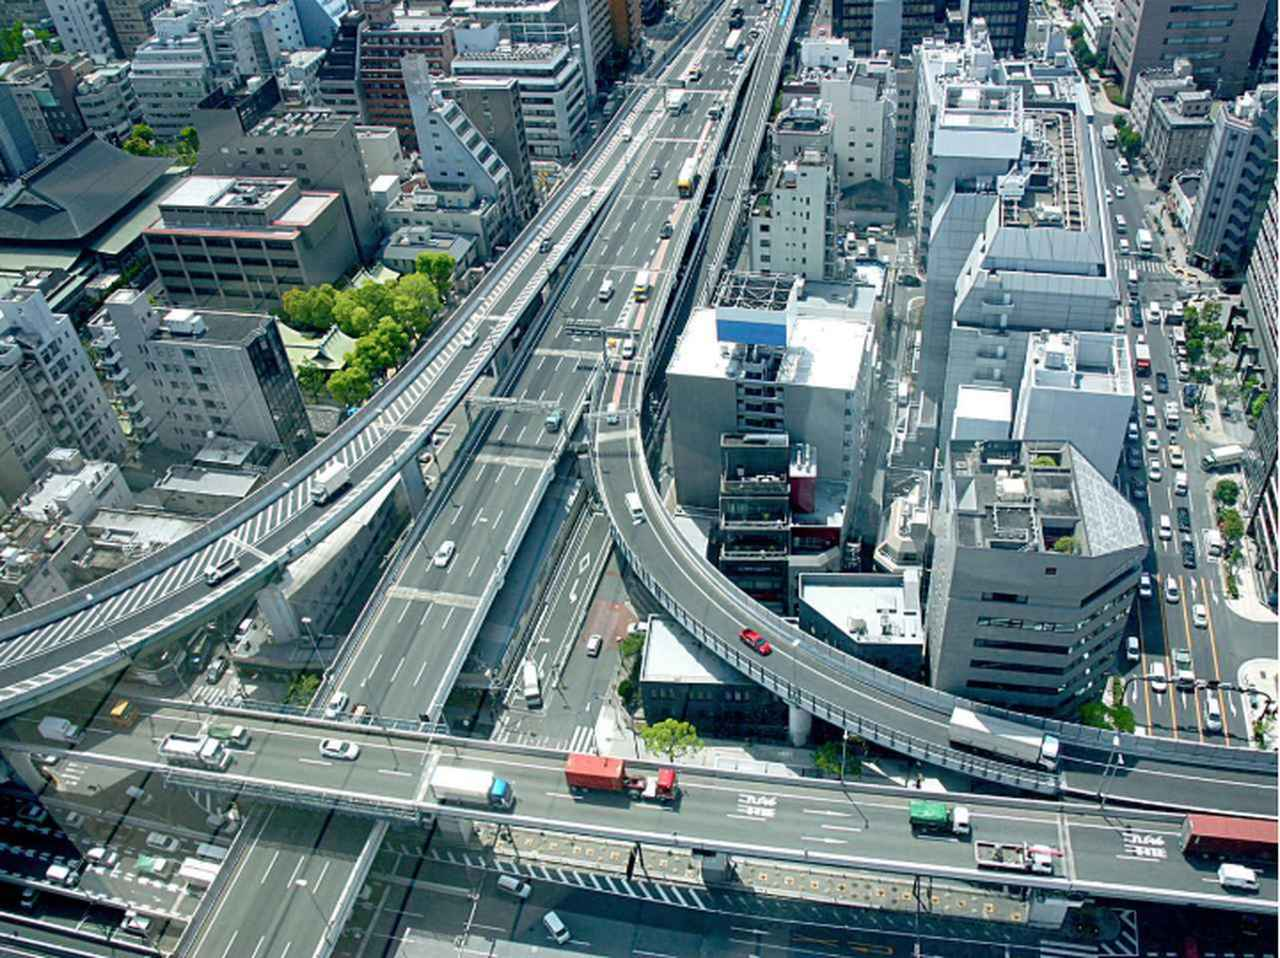 【知っ得コラム】高速道路の「ランプ」ってなに? インターチェンジやジャンクションとは違う?